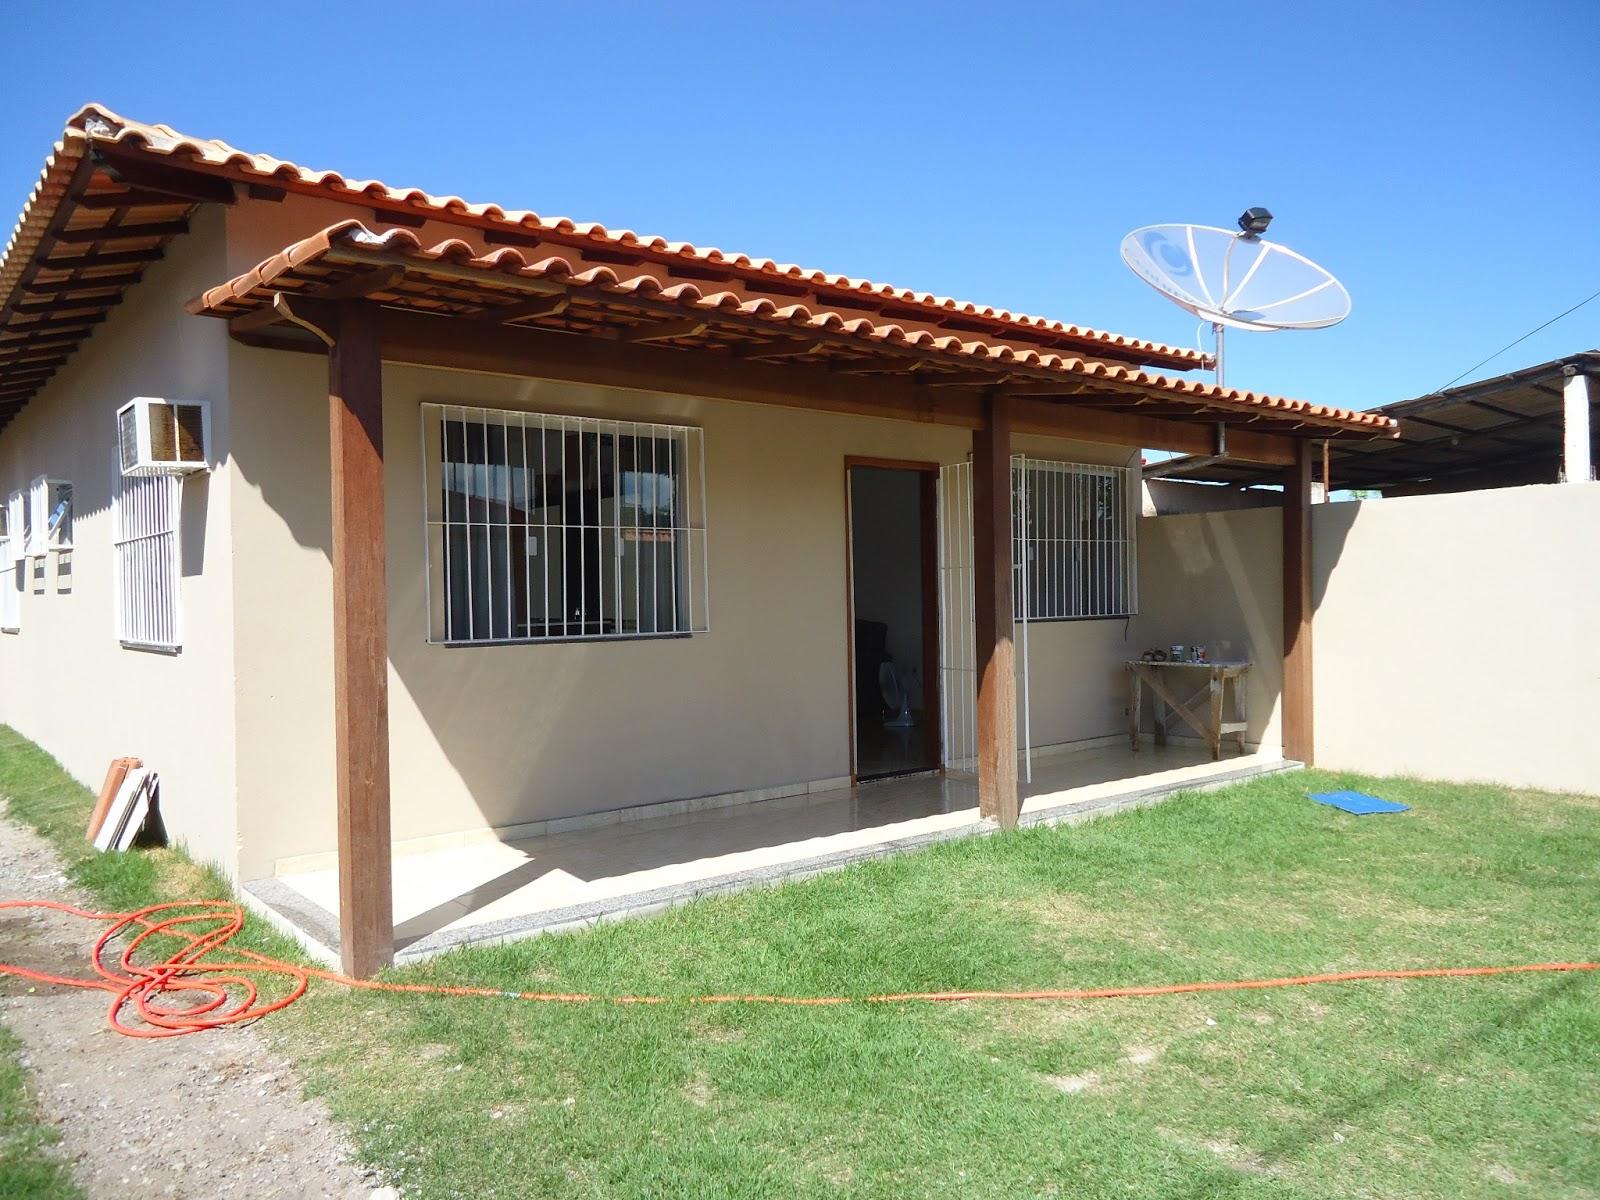 Imagens de #0362C8 Elizabeth Nogueira Corretora de Imóveis.CRECI nº 6741 f  1600x1200 px 3520 Blindex Banheiro Valor